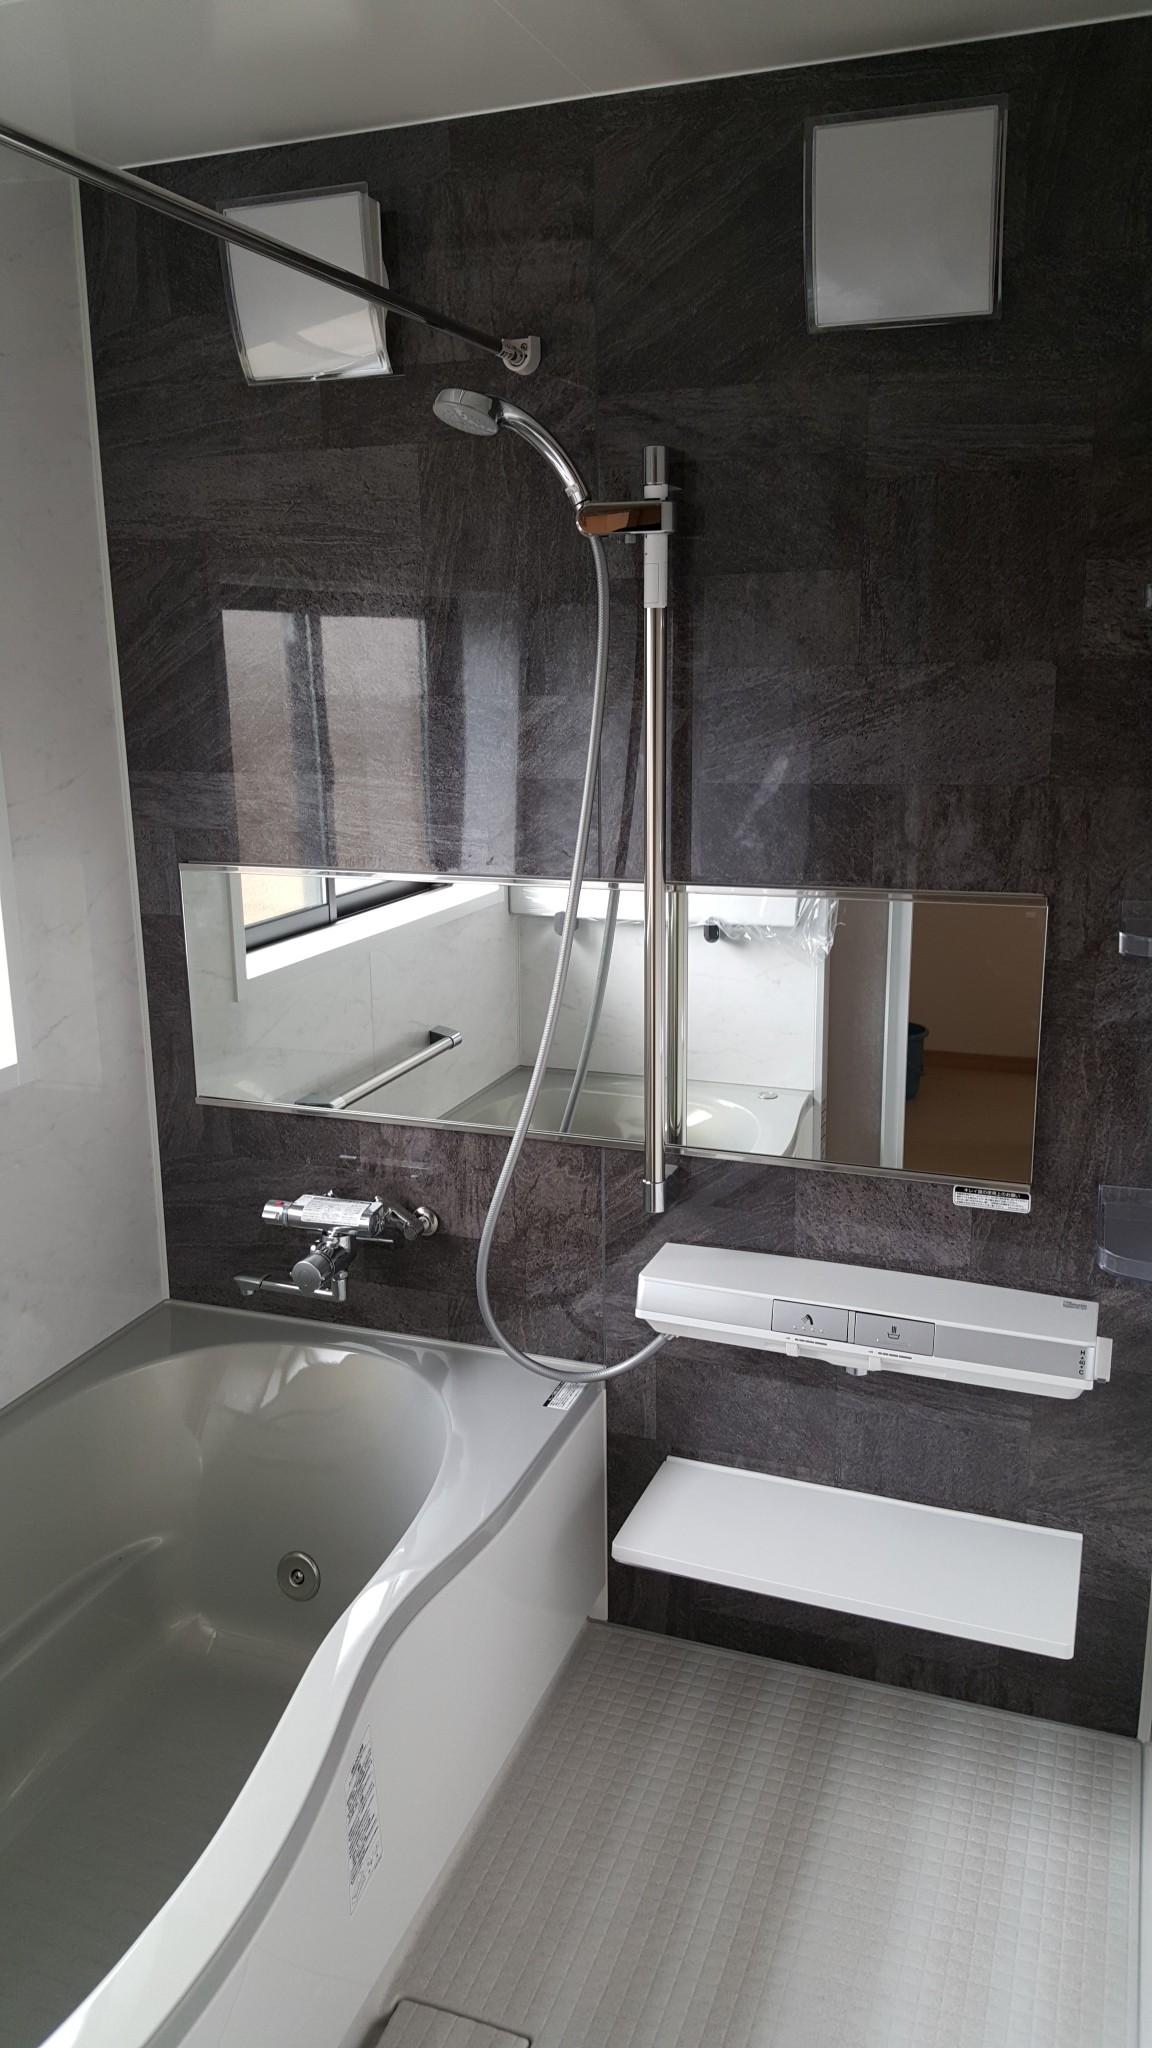 新居浜市でローコスト住宅の風呂写真